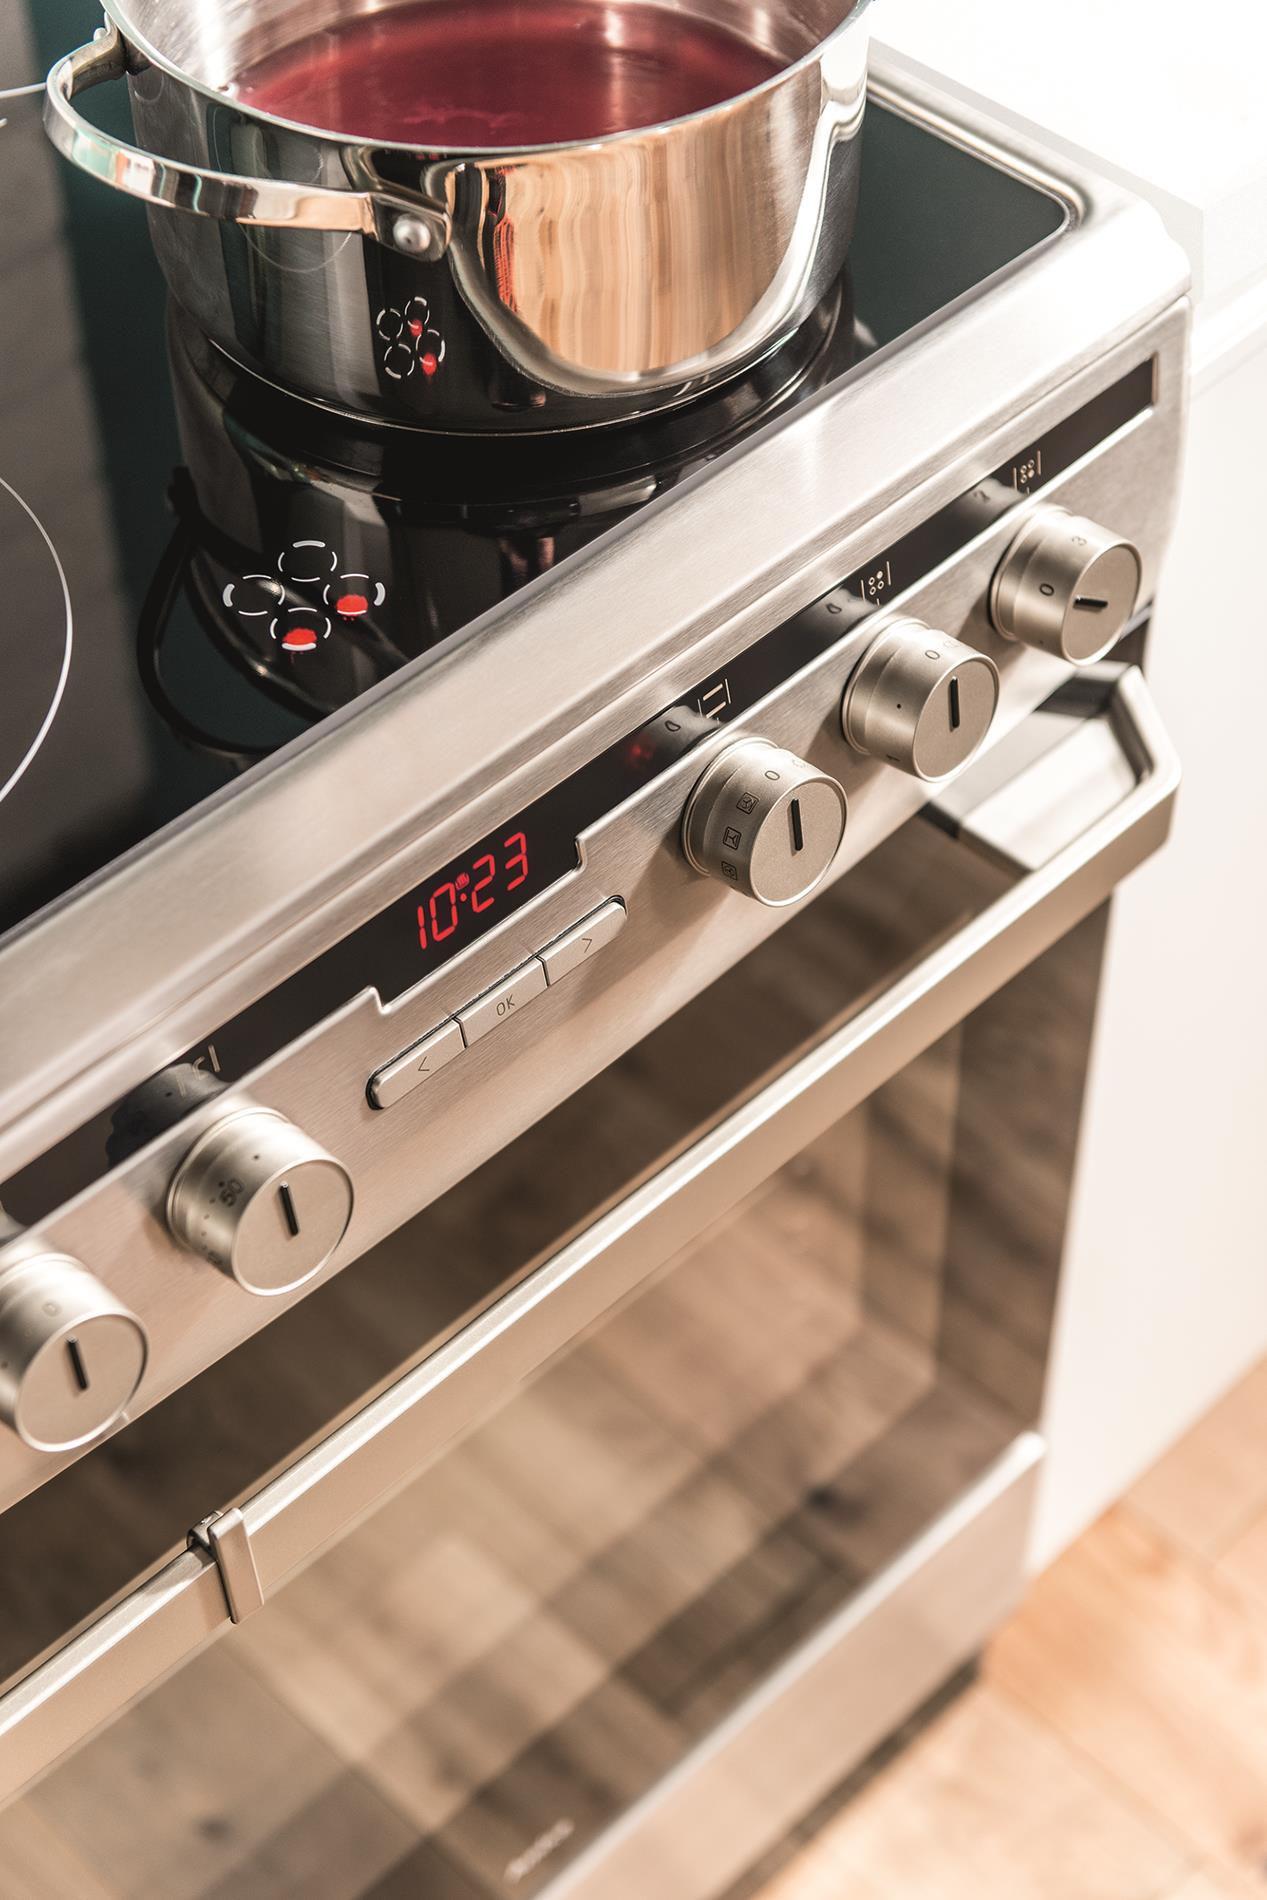 Kuchnia wolnostojąca ceramiczna 600 618CE3 434HTaKDQ(Xx)  Amica -> Kuchnia Elektryczna Wolnostojąca Ceramiczna